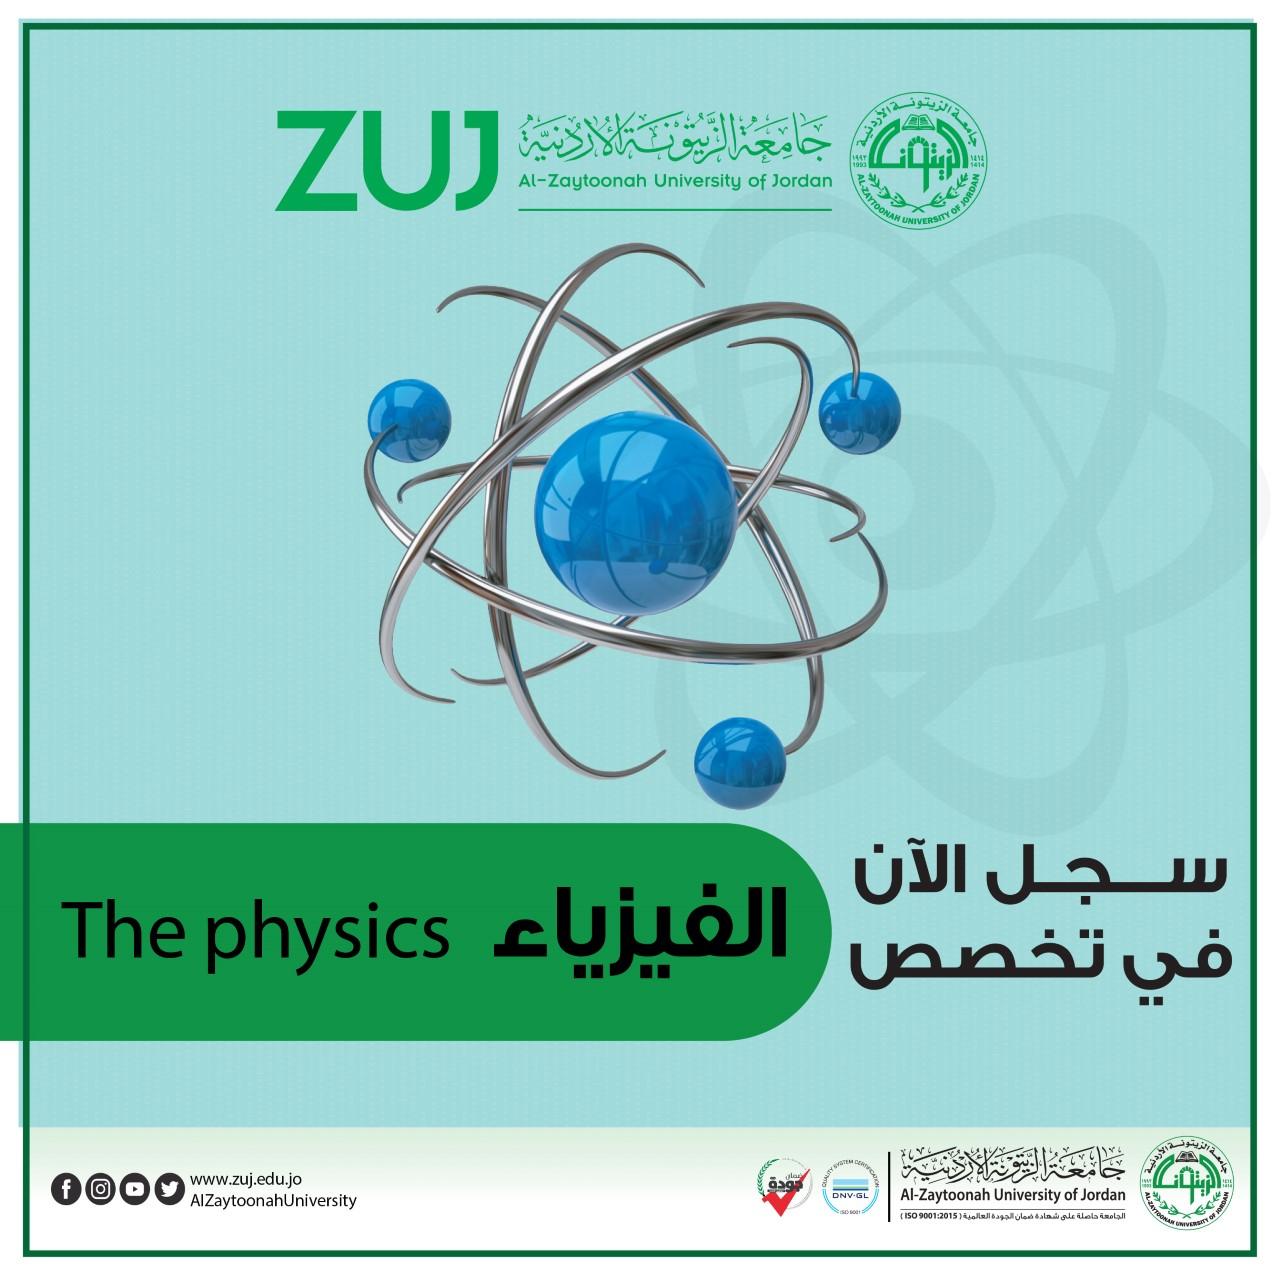 جامعة الزيتونة الأردنية تستحدث تخصص بكالوريوس الفيزياء